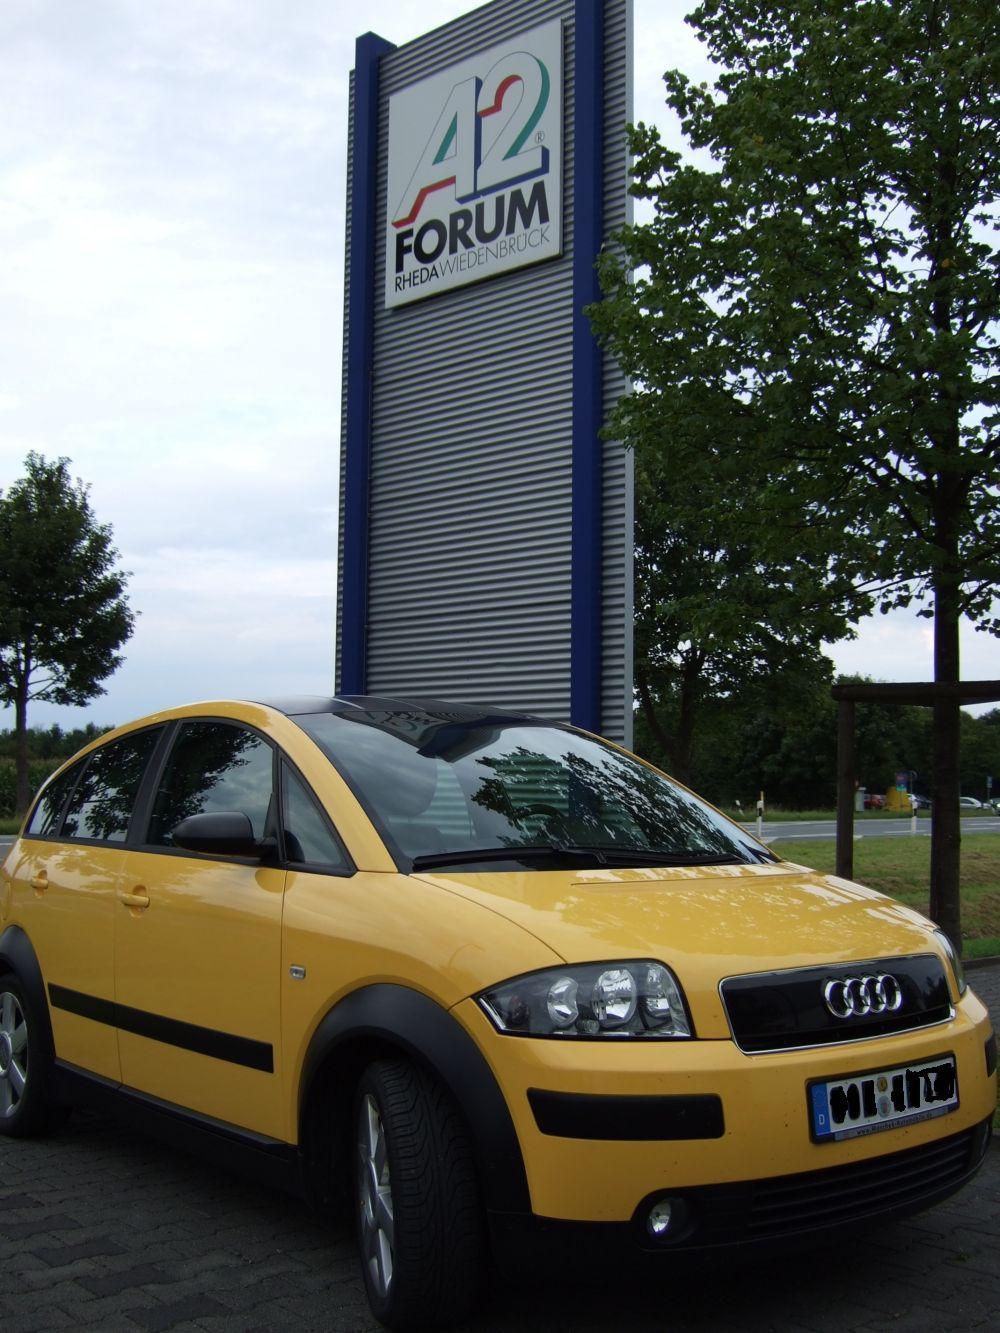 Am See und auf der Rückfahrt am A2-Forum